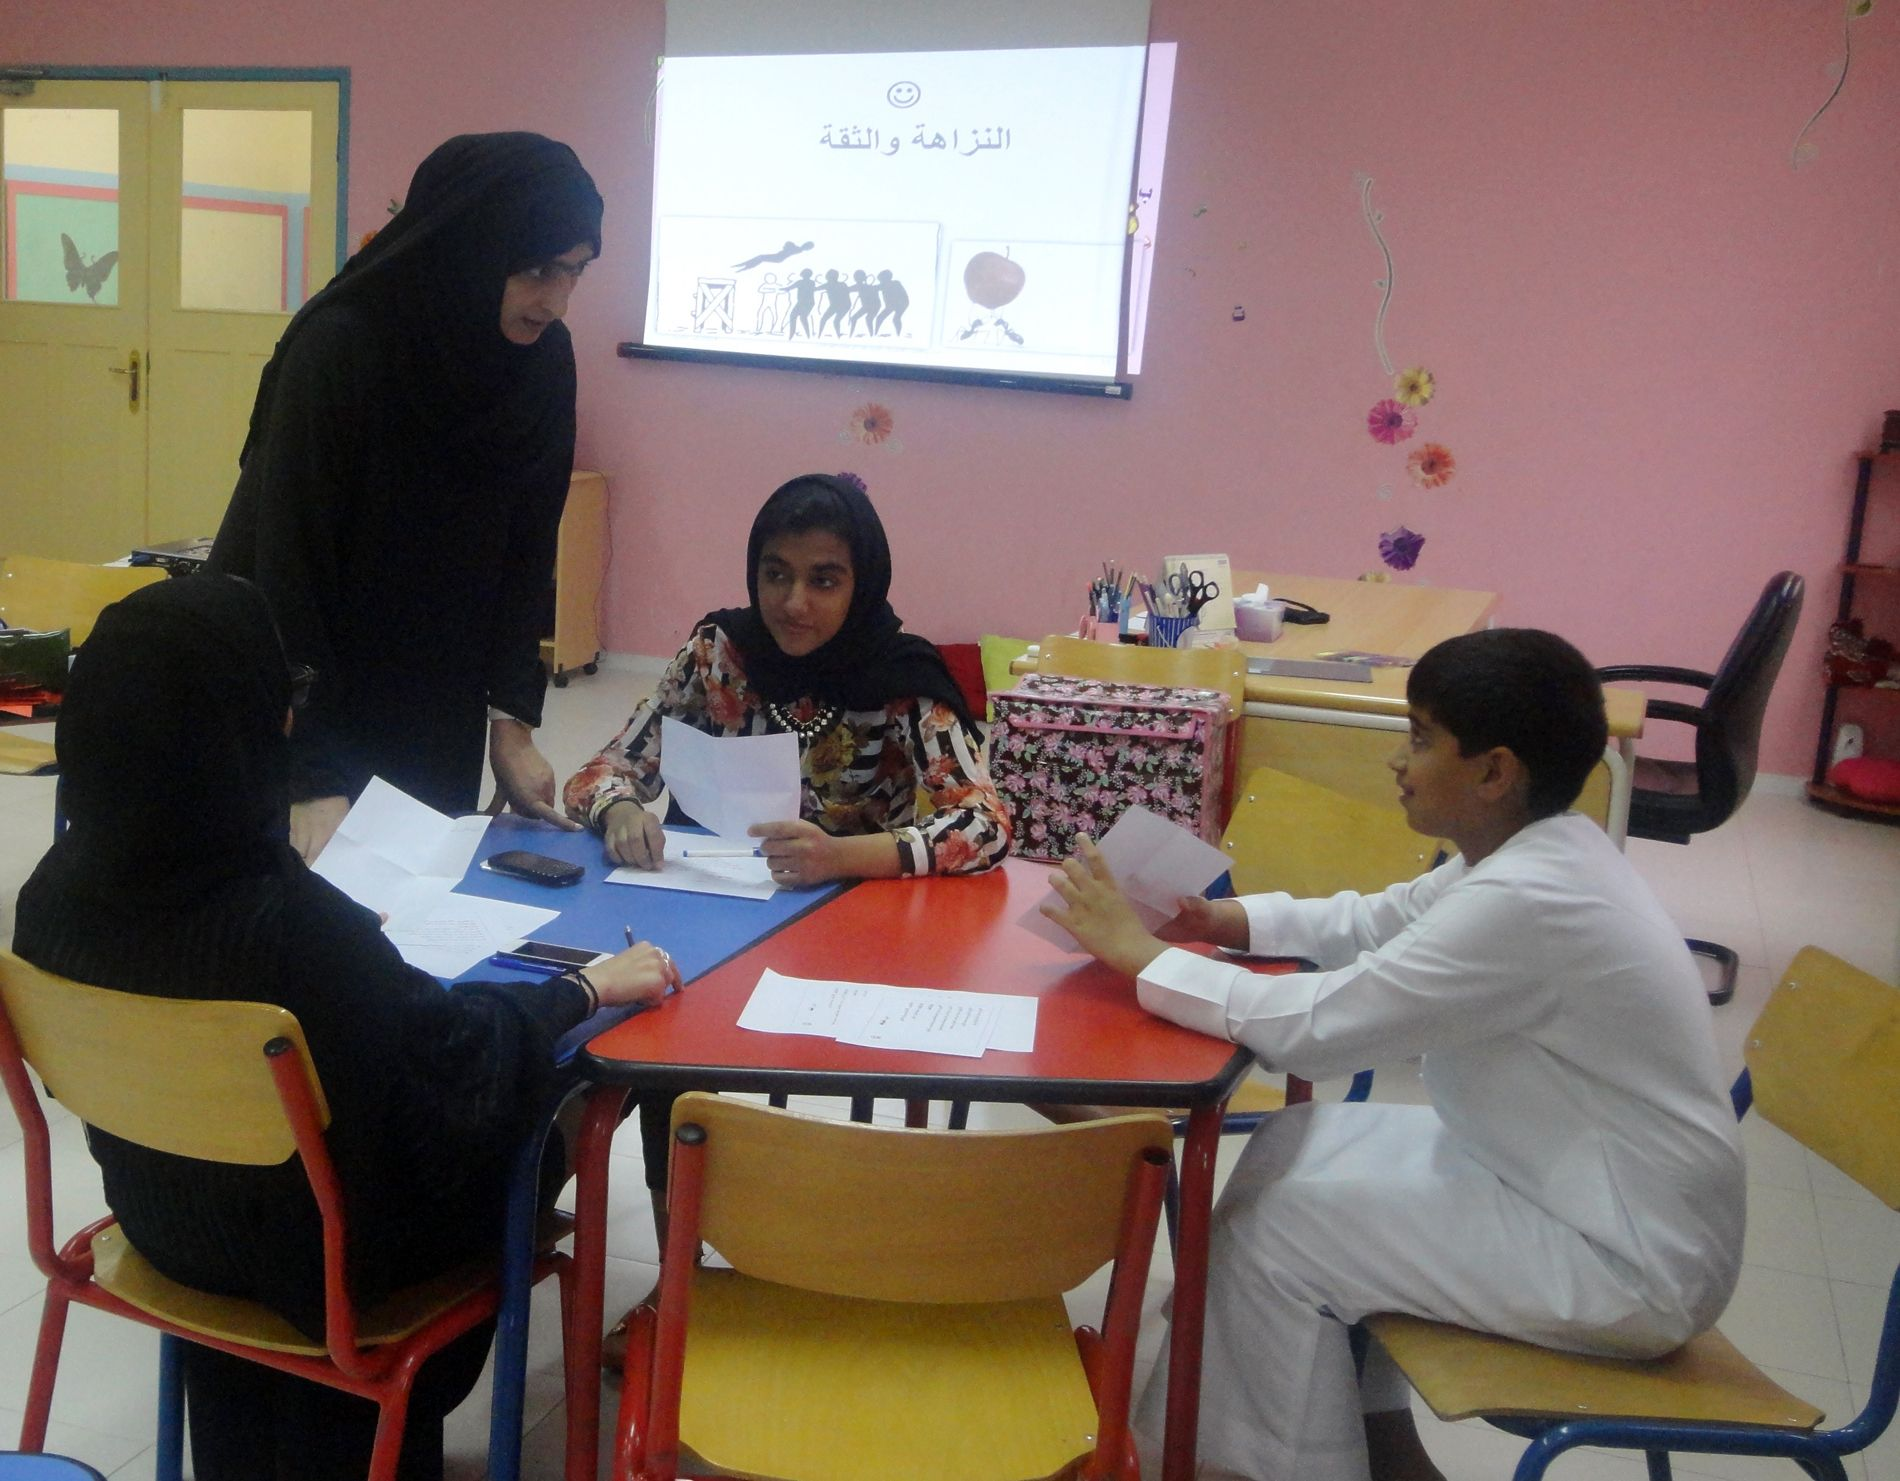 معسكر صناعة القادة للأطفال يختتم برامجه لأعضاء مجلس شورى أطفال الشارقة الدورة الثالثة عشرة مركز